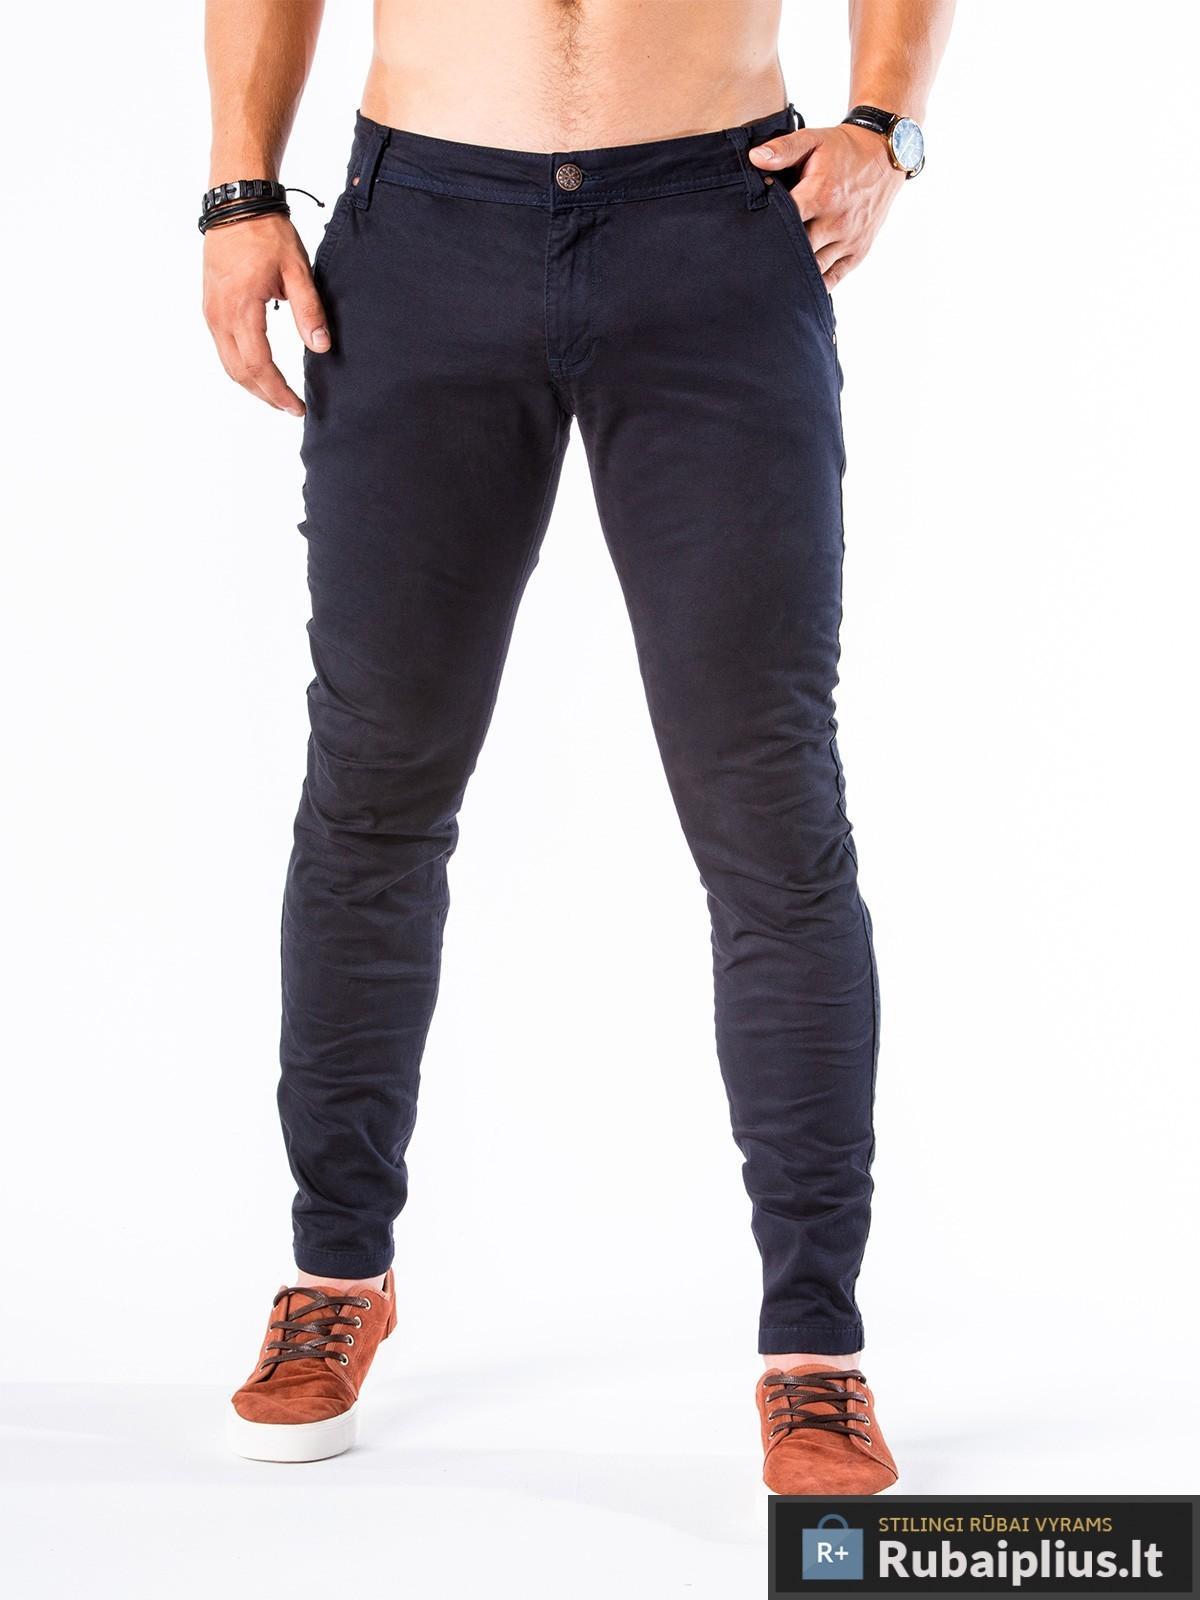 tamsiai mėlynos spalvos vyriškos kelnės, klasikinio stiliaus kelnės vyrams, kelnės vyrams su elastanu, madingi džinsai vyrams, vyriškos džinsinės kelnės, vyriškos kelnės internetu, nebrangiai kelnės vyrams, vyriškos kelnės akcija, laisvalaikio kelnės vyrams, madingi vyriškos kelnės vasarai, vyriskos kelnes dzinsai, vyriskos dzinsines kelnes, vyriskos medvilnines kelnes